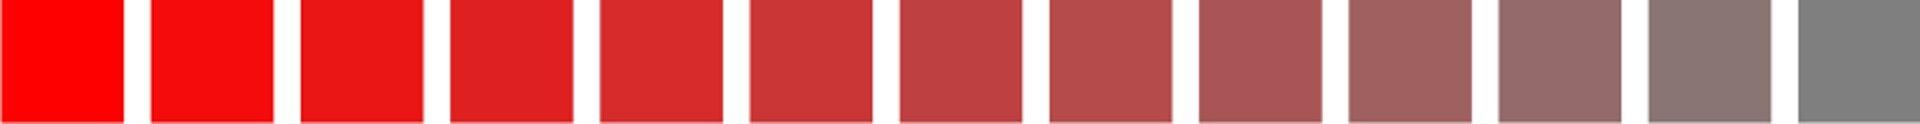 Ilustracja przedstawia nasycenie koloru. Próbka zlewej strony przedstawia kolor obarwie czerwonej wpełnym nasyceniu. Próbka zprawej strony przedstawia kolor obarwie szarej.